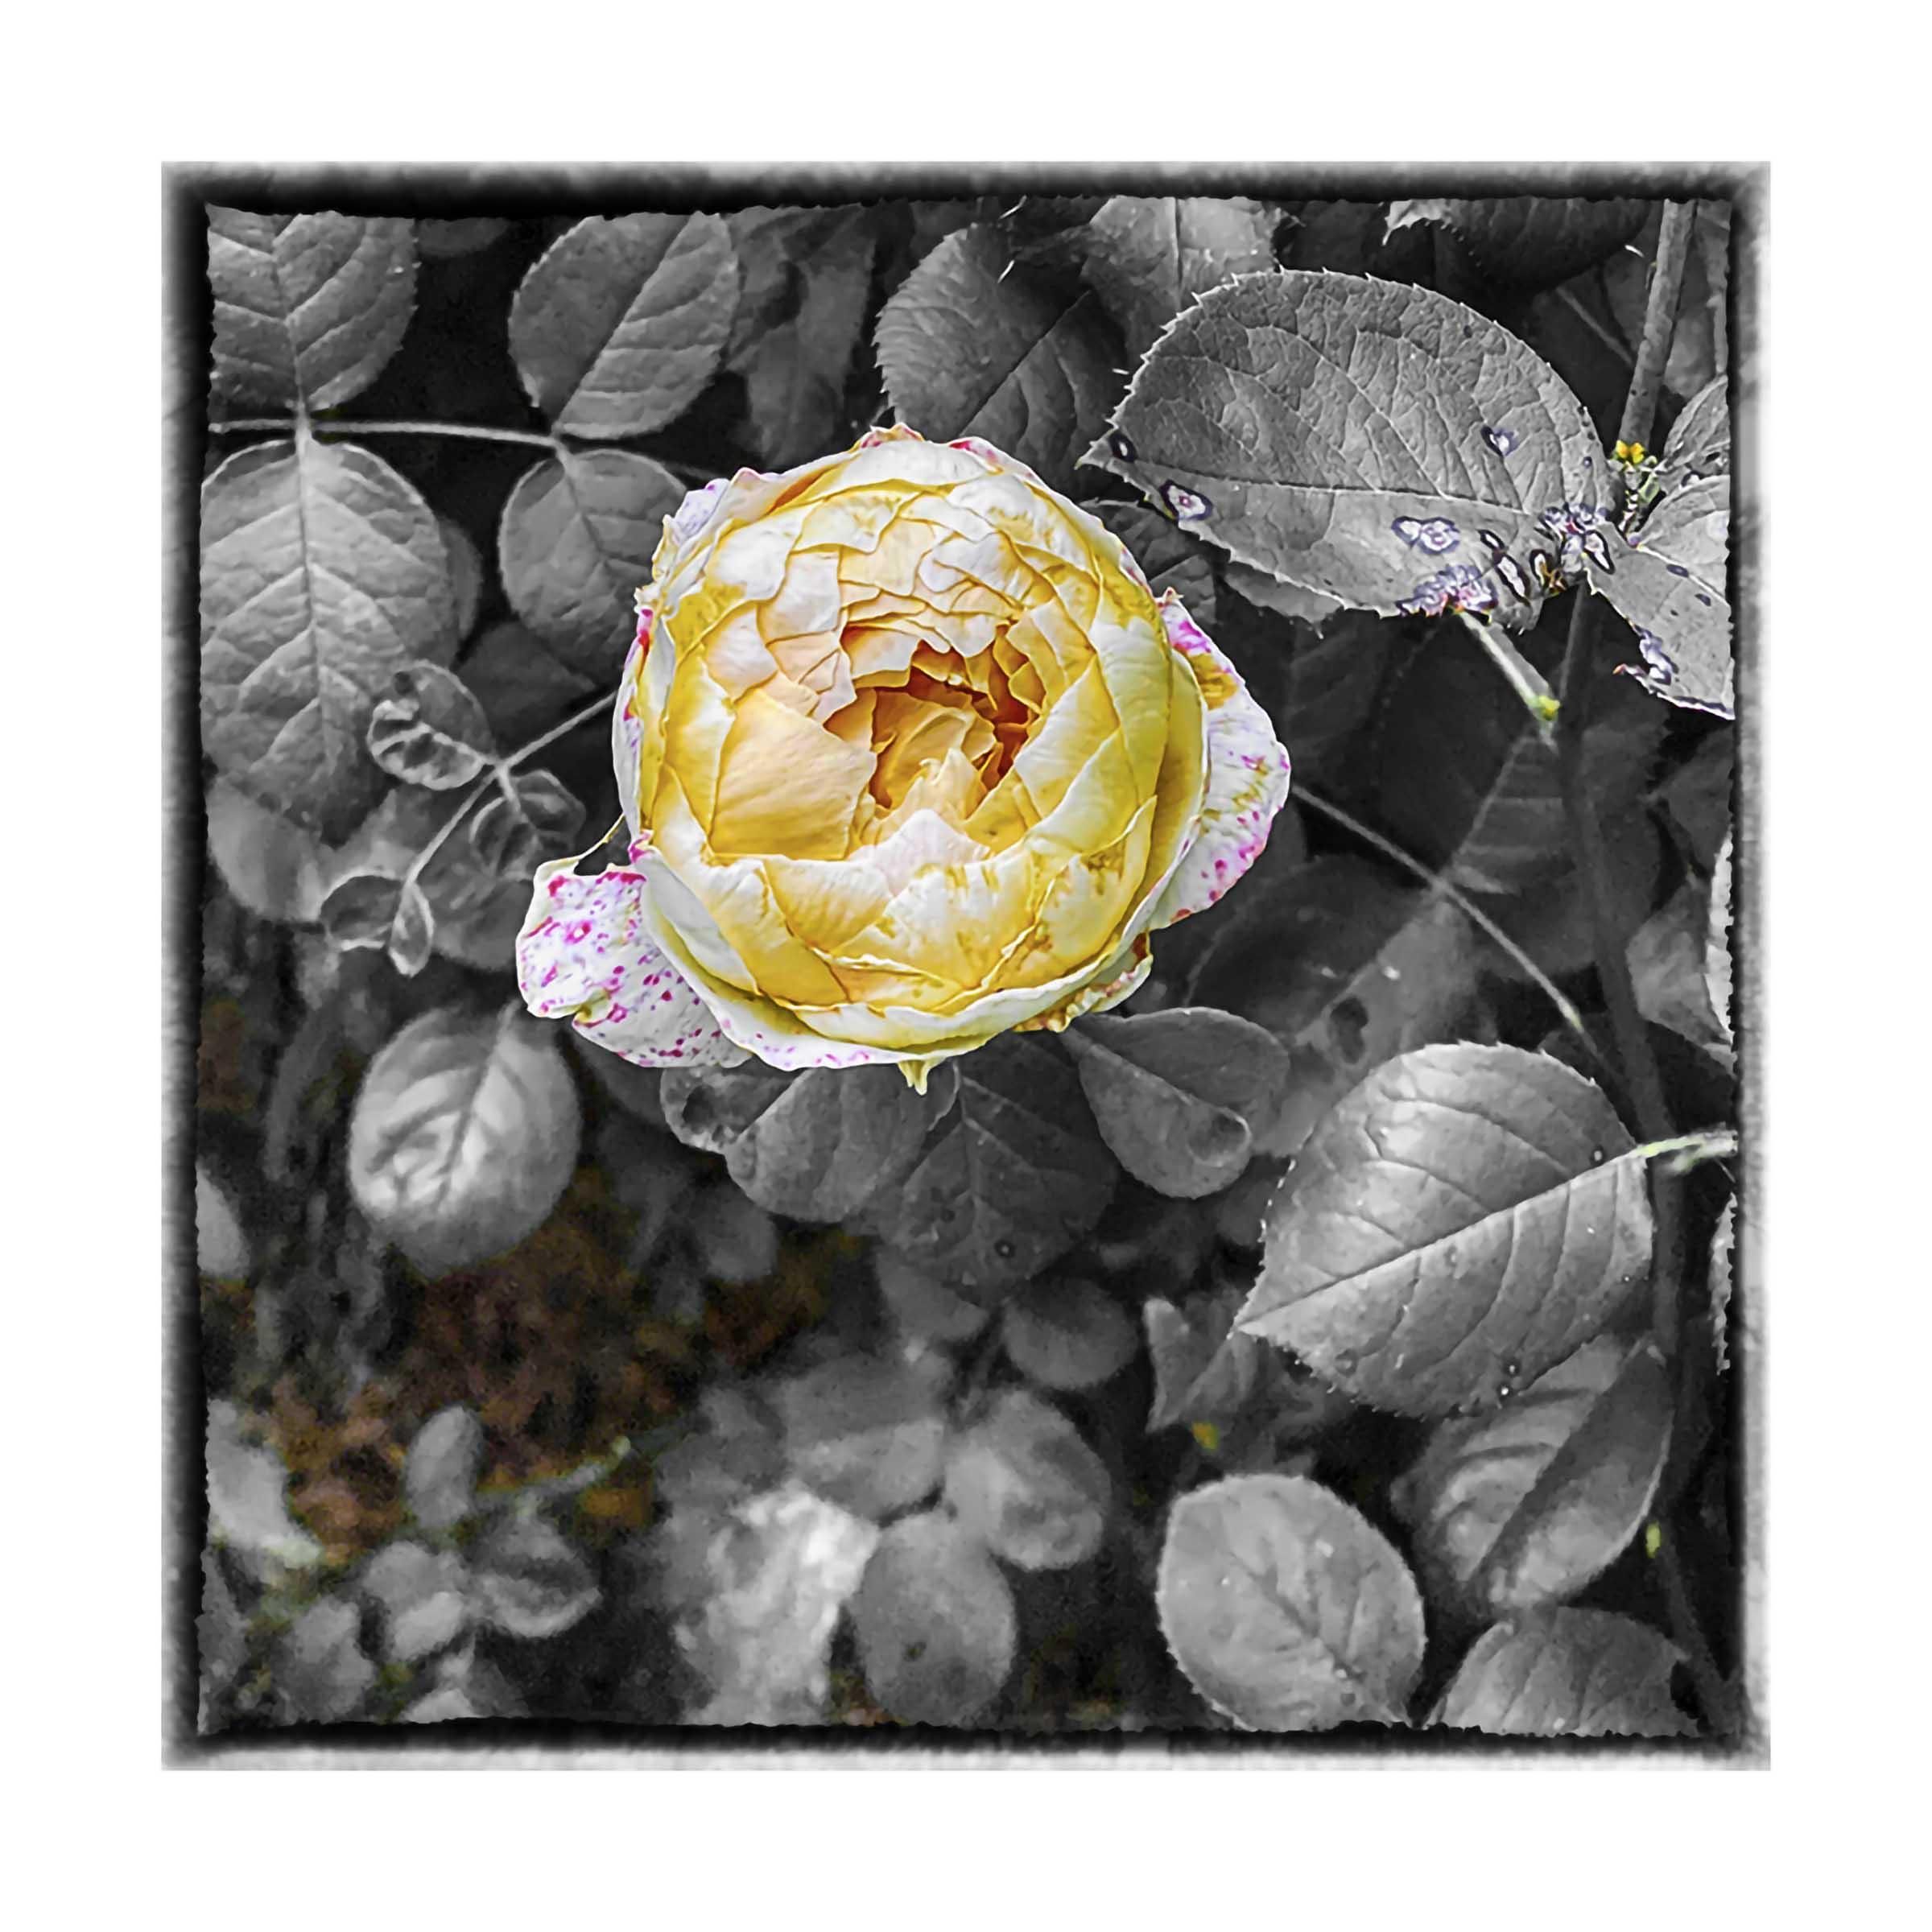 R Thomas Berner, Rose